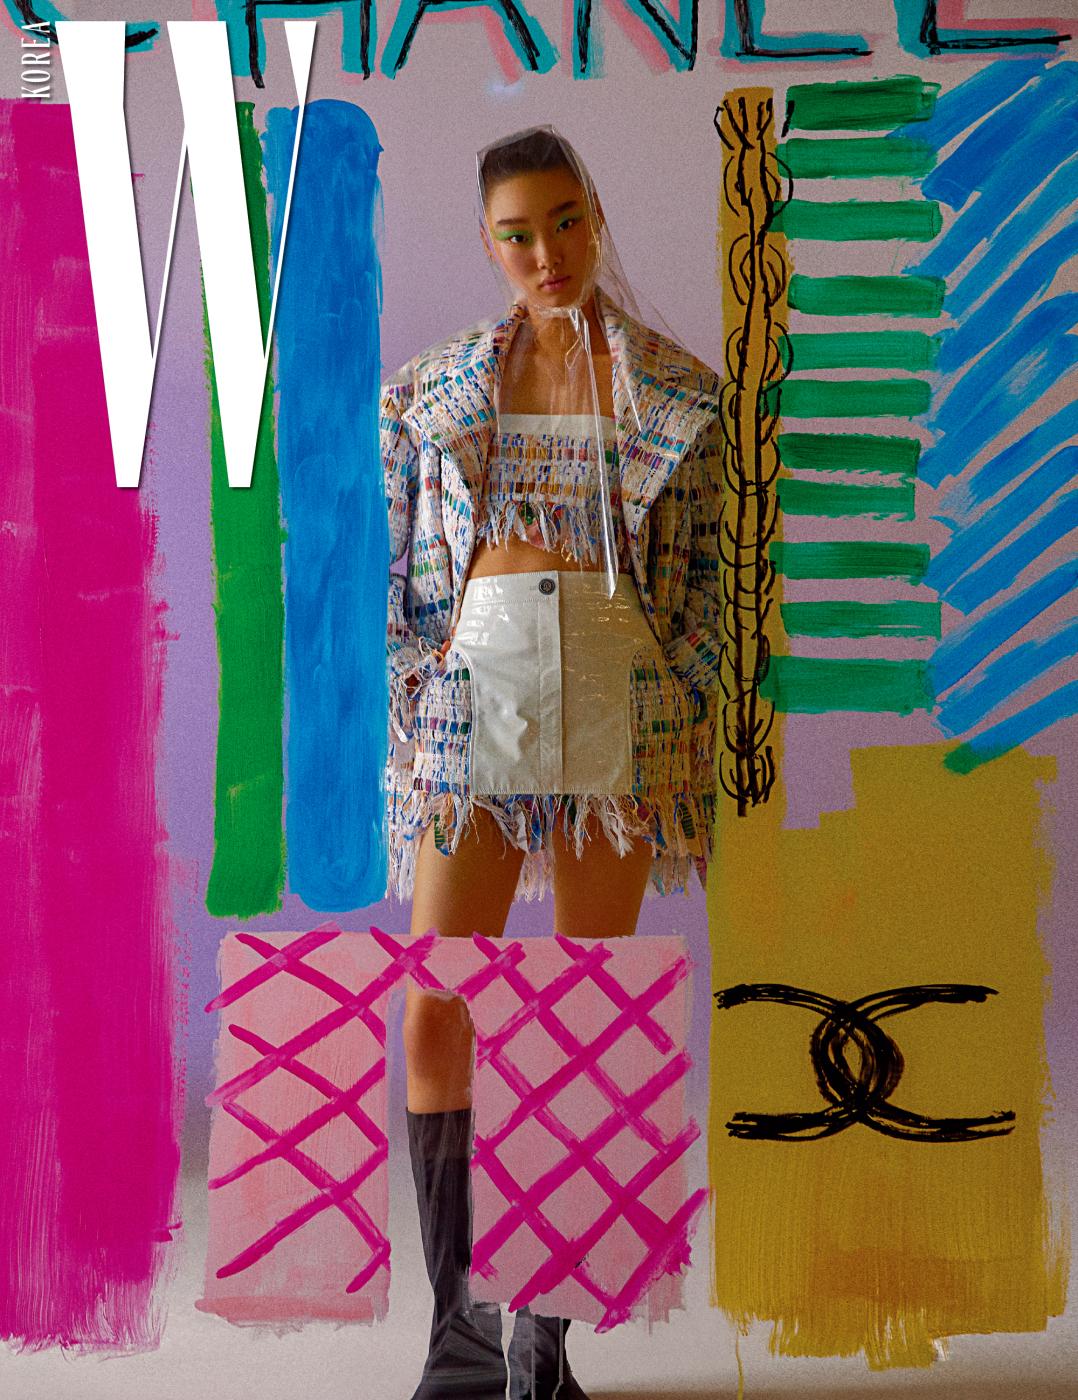 컬러풀한 원단의 트위드 재킷과 튜브톱, 페이턴트가 조합된 트위드 스커트, 검은색 부츠는 모두 Chanel 제품.